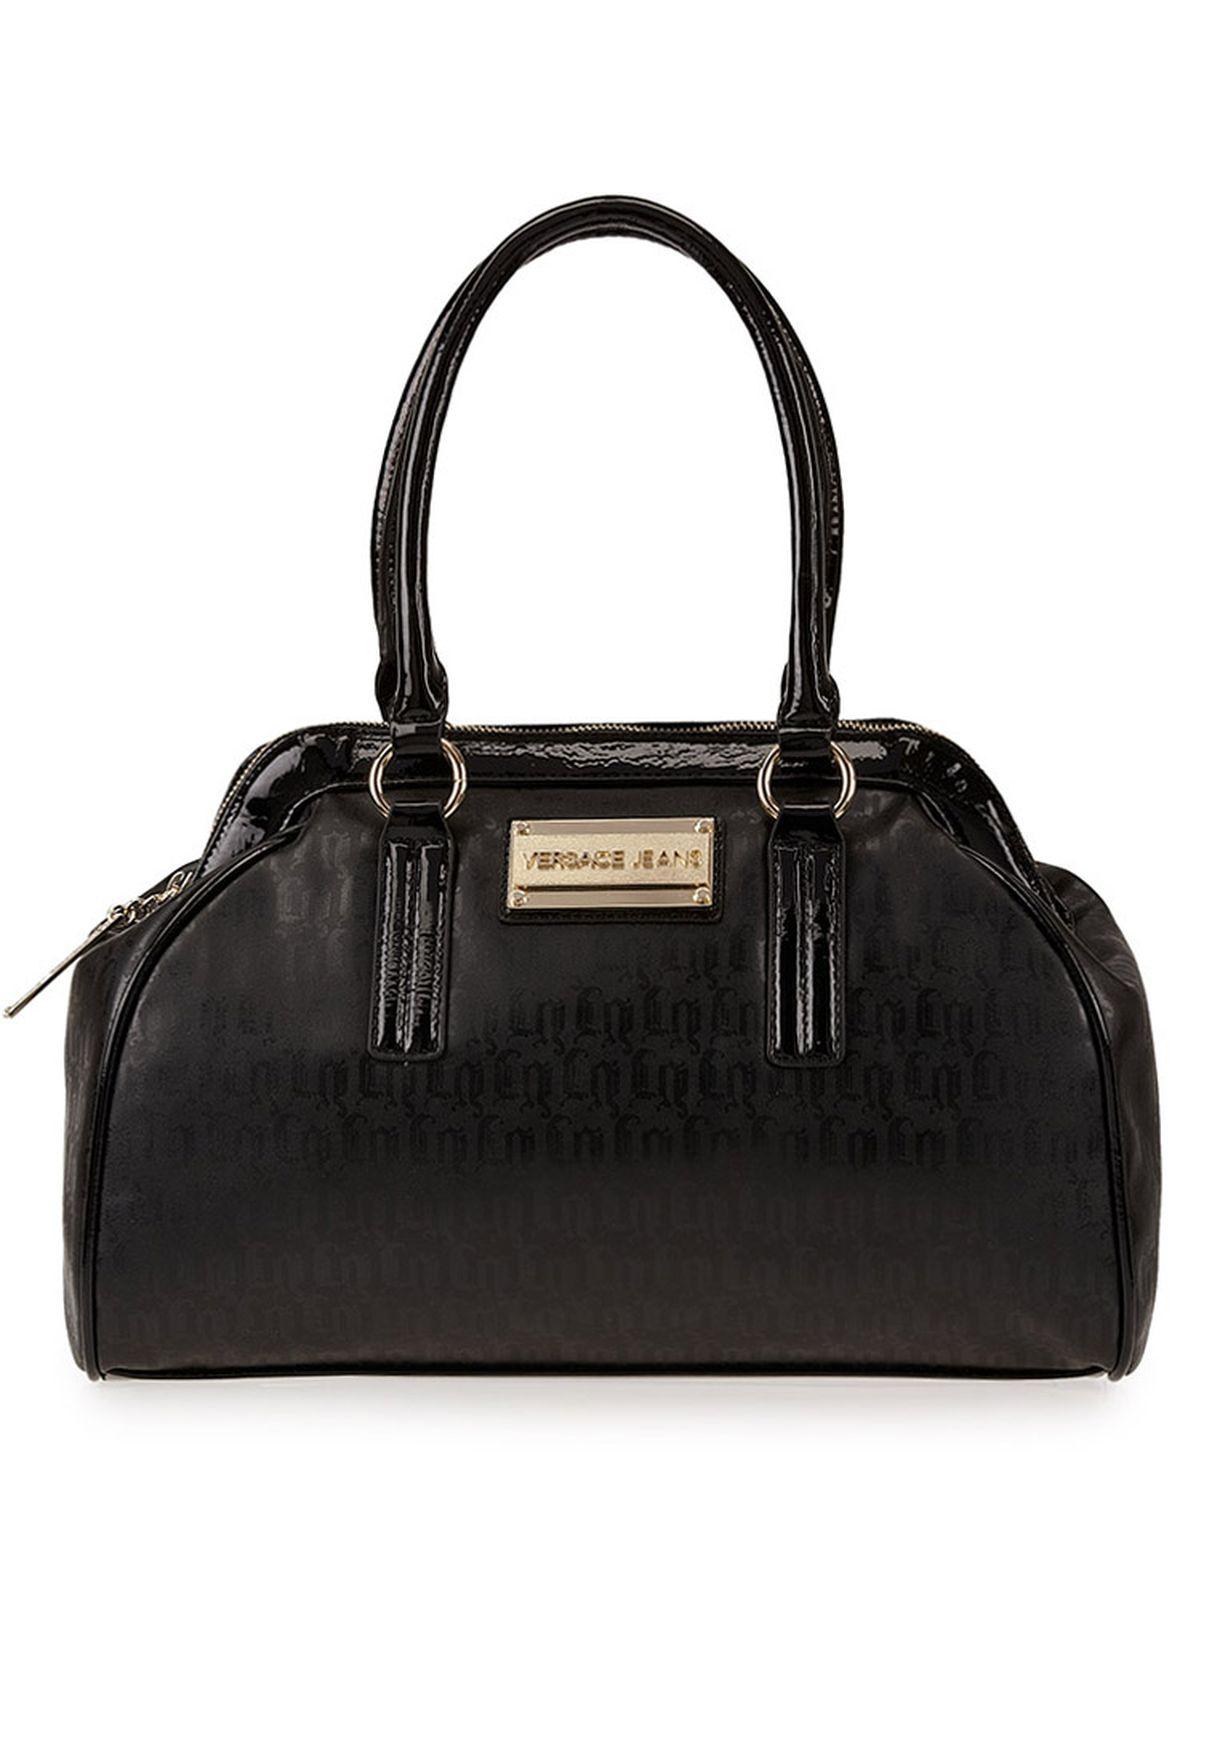 ef58572d6 تسوق حقيبة بيد قصيرة ماركة فرساتشي جينز كوتور لون أسود في السعودية ...